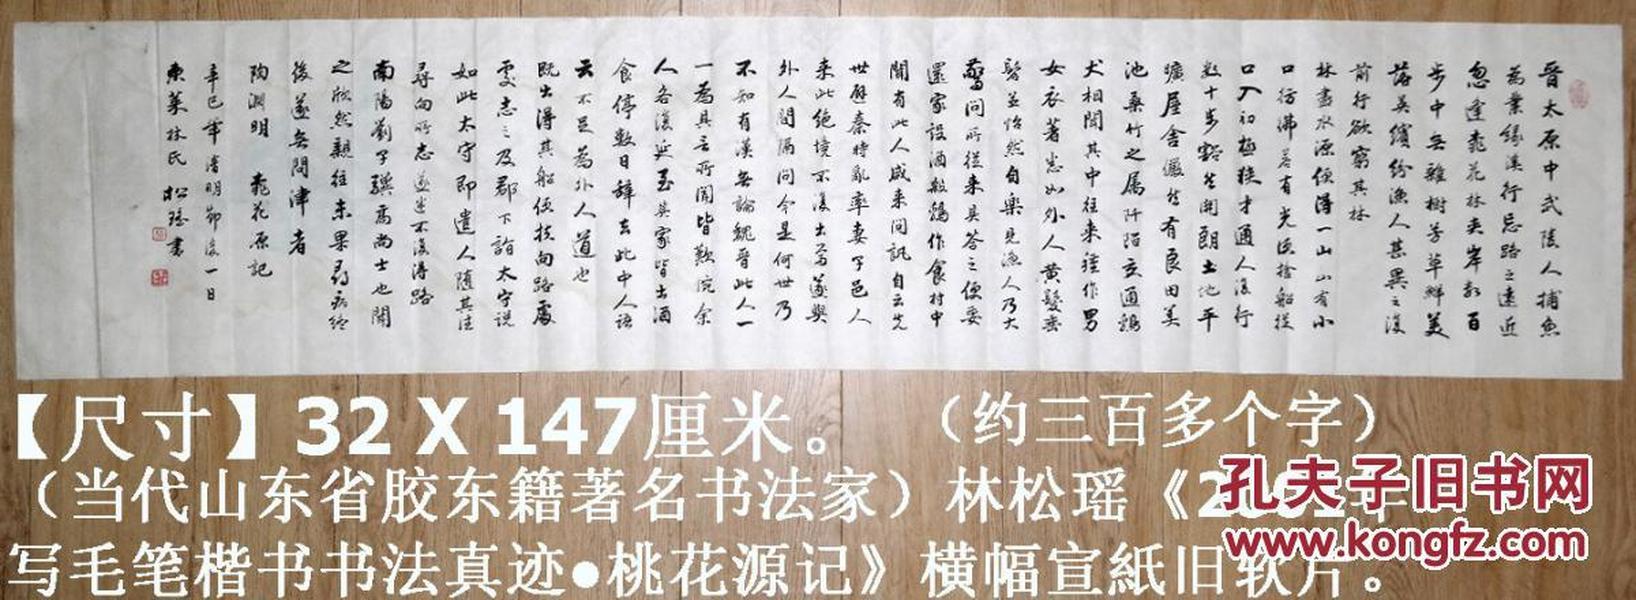 当代山东省胶东籍著名书法家◆林松瑶《2001年写毛笔楷书书法真�!裉一ㄔ醇恰泛岱骄扇砥舻贝耸榉ā簟境叽纭�32 X 147厘米。